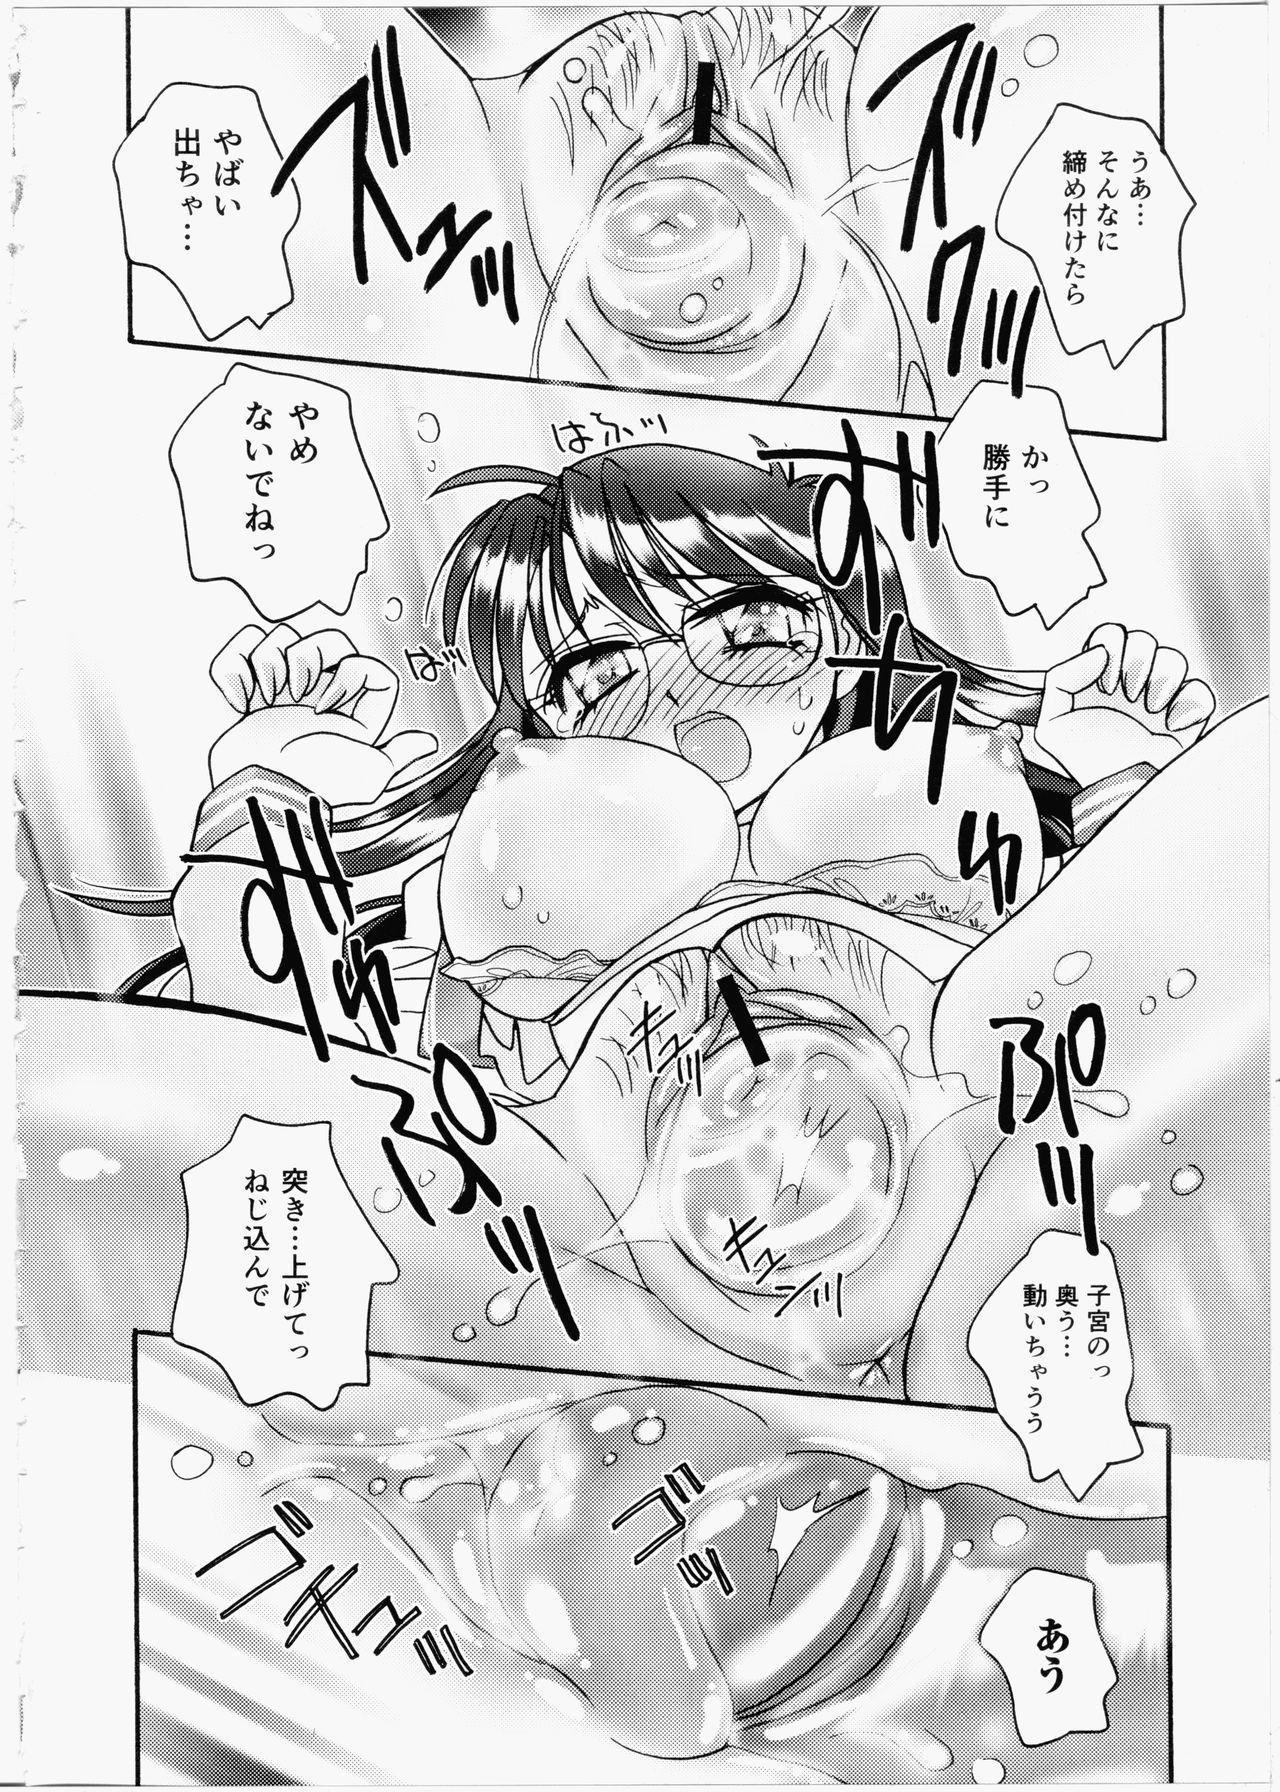 Iincho Blog 99